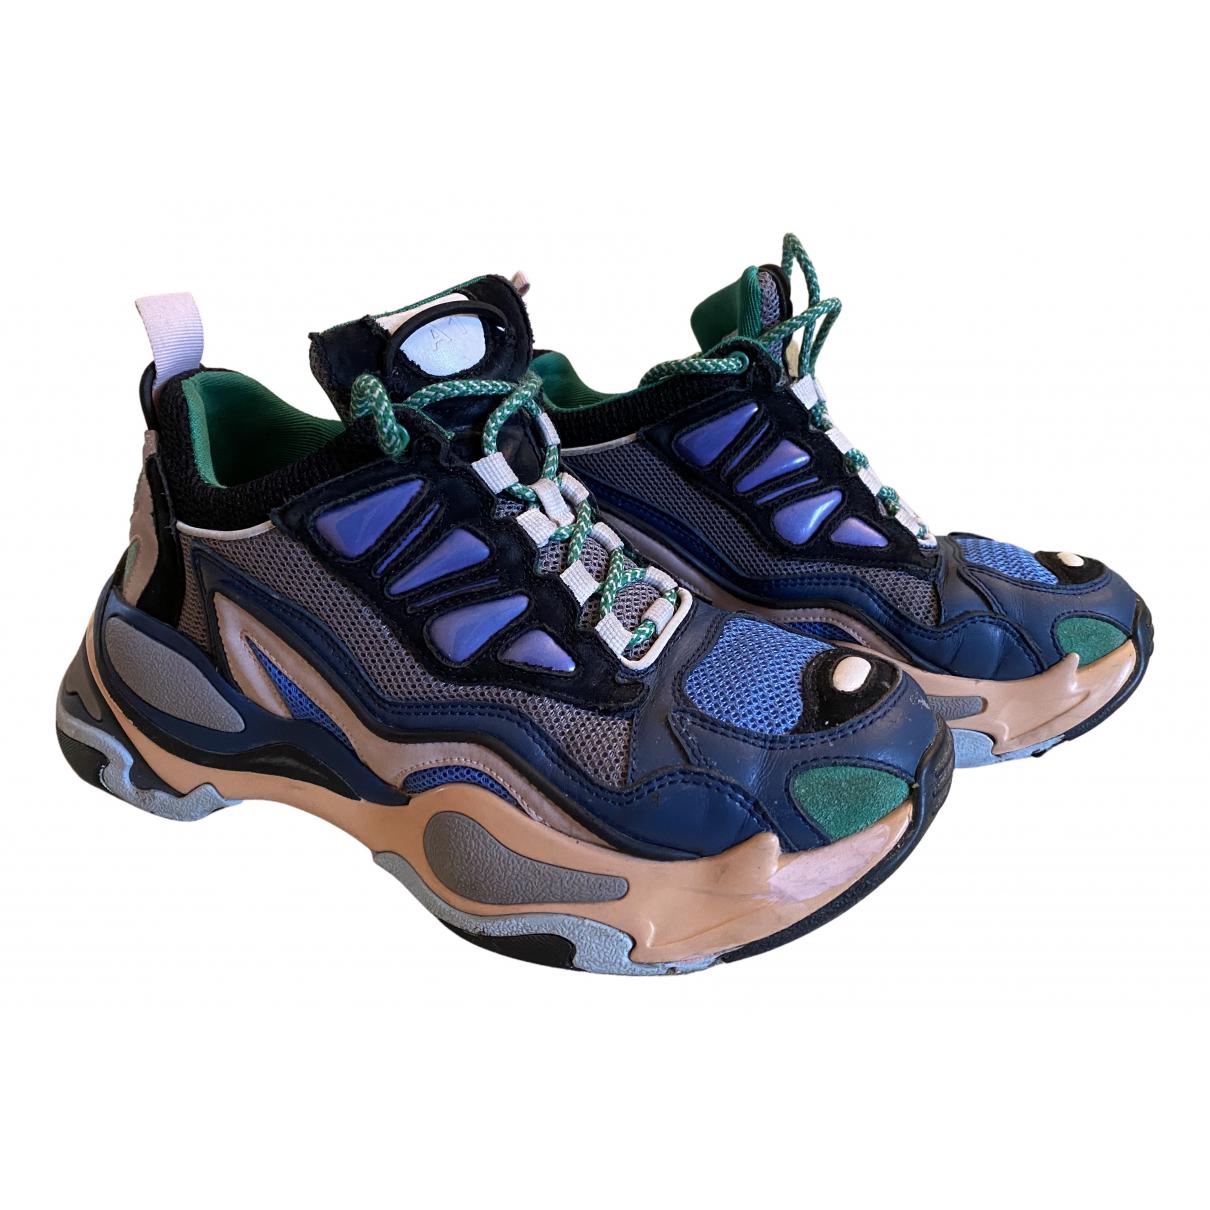 Sandro - Baskets Astro pour femme en cuir - bleu